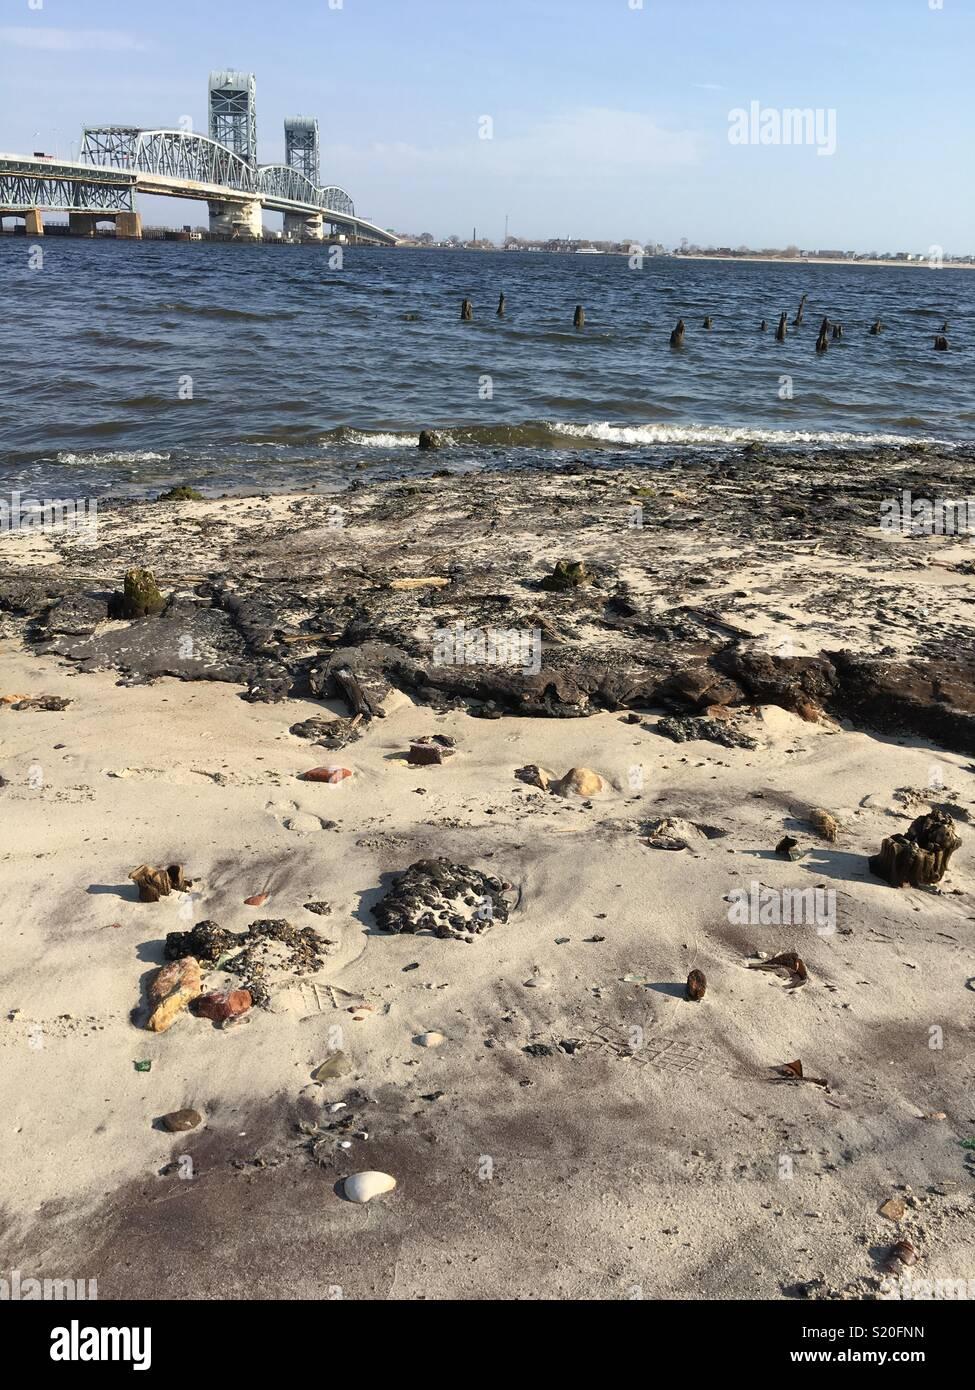 Deadhorse Bay in New York former landfill bottle dump - Stock Image